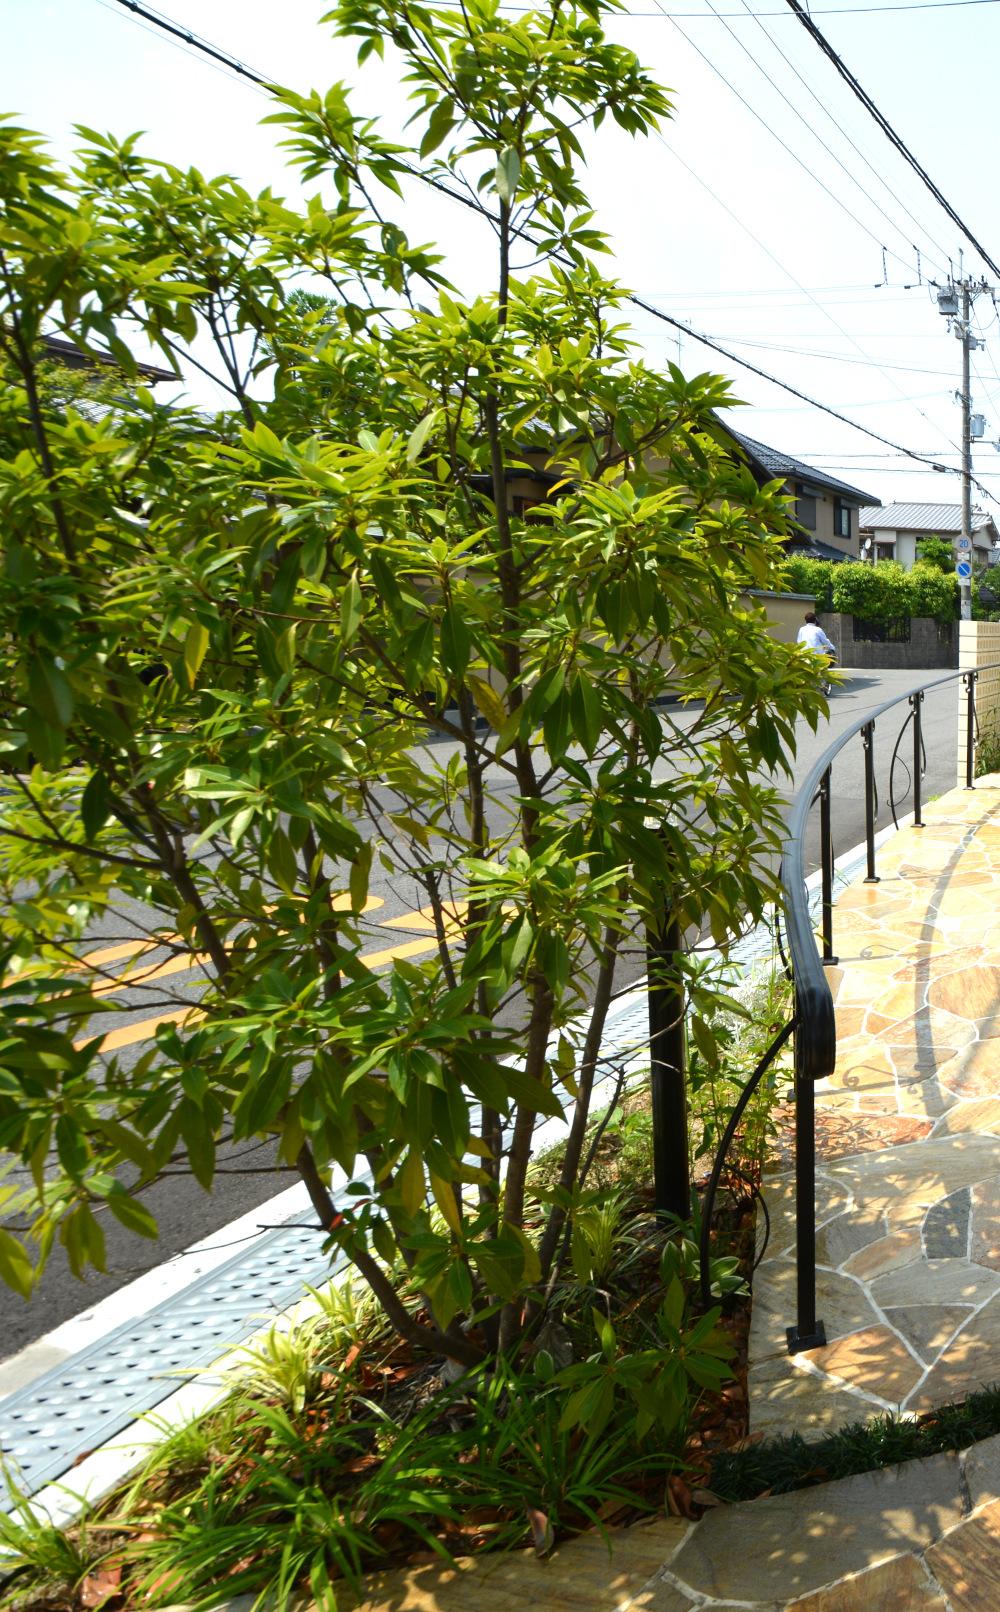 カラタネオガタマ 良い香りの花 芳香 シンボルツリー 庭木